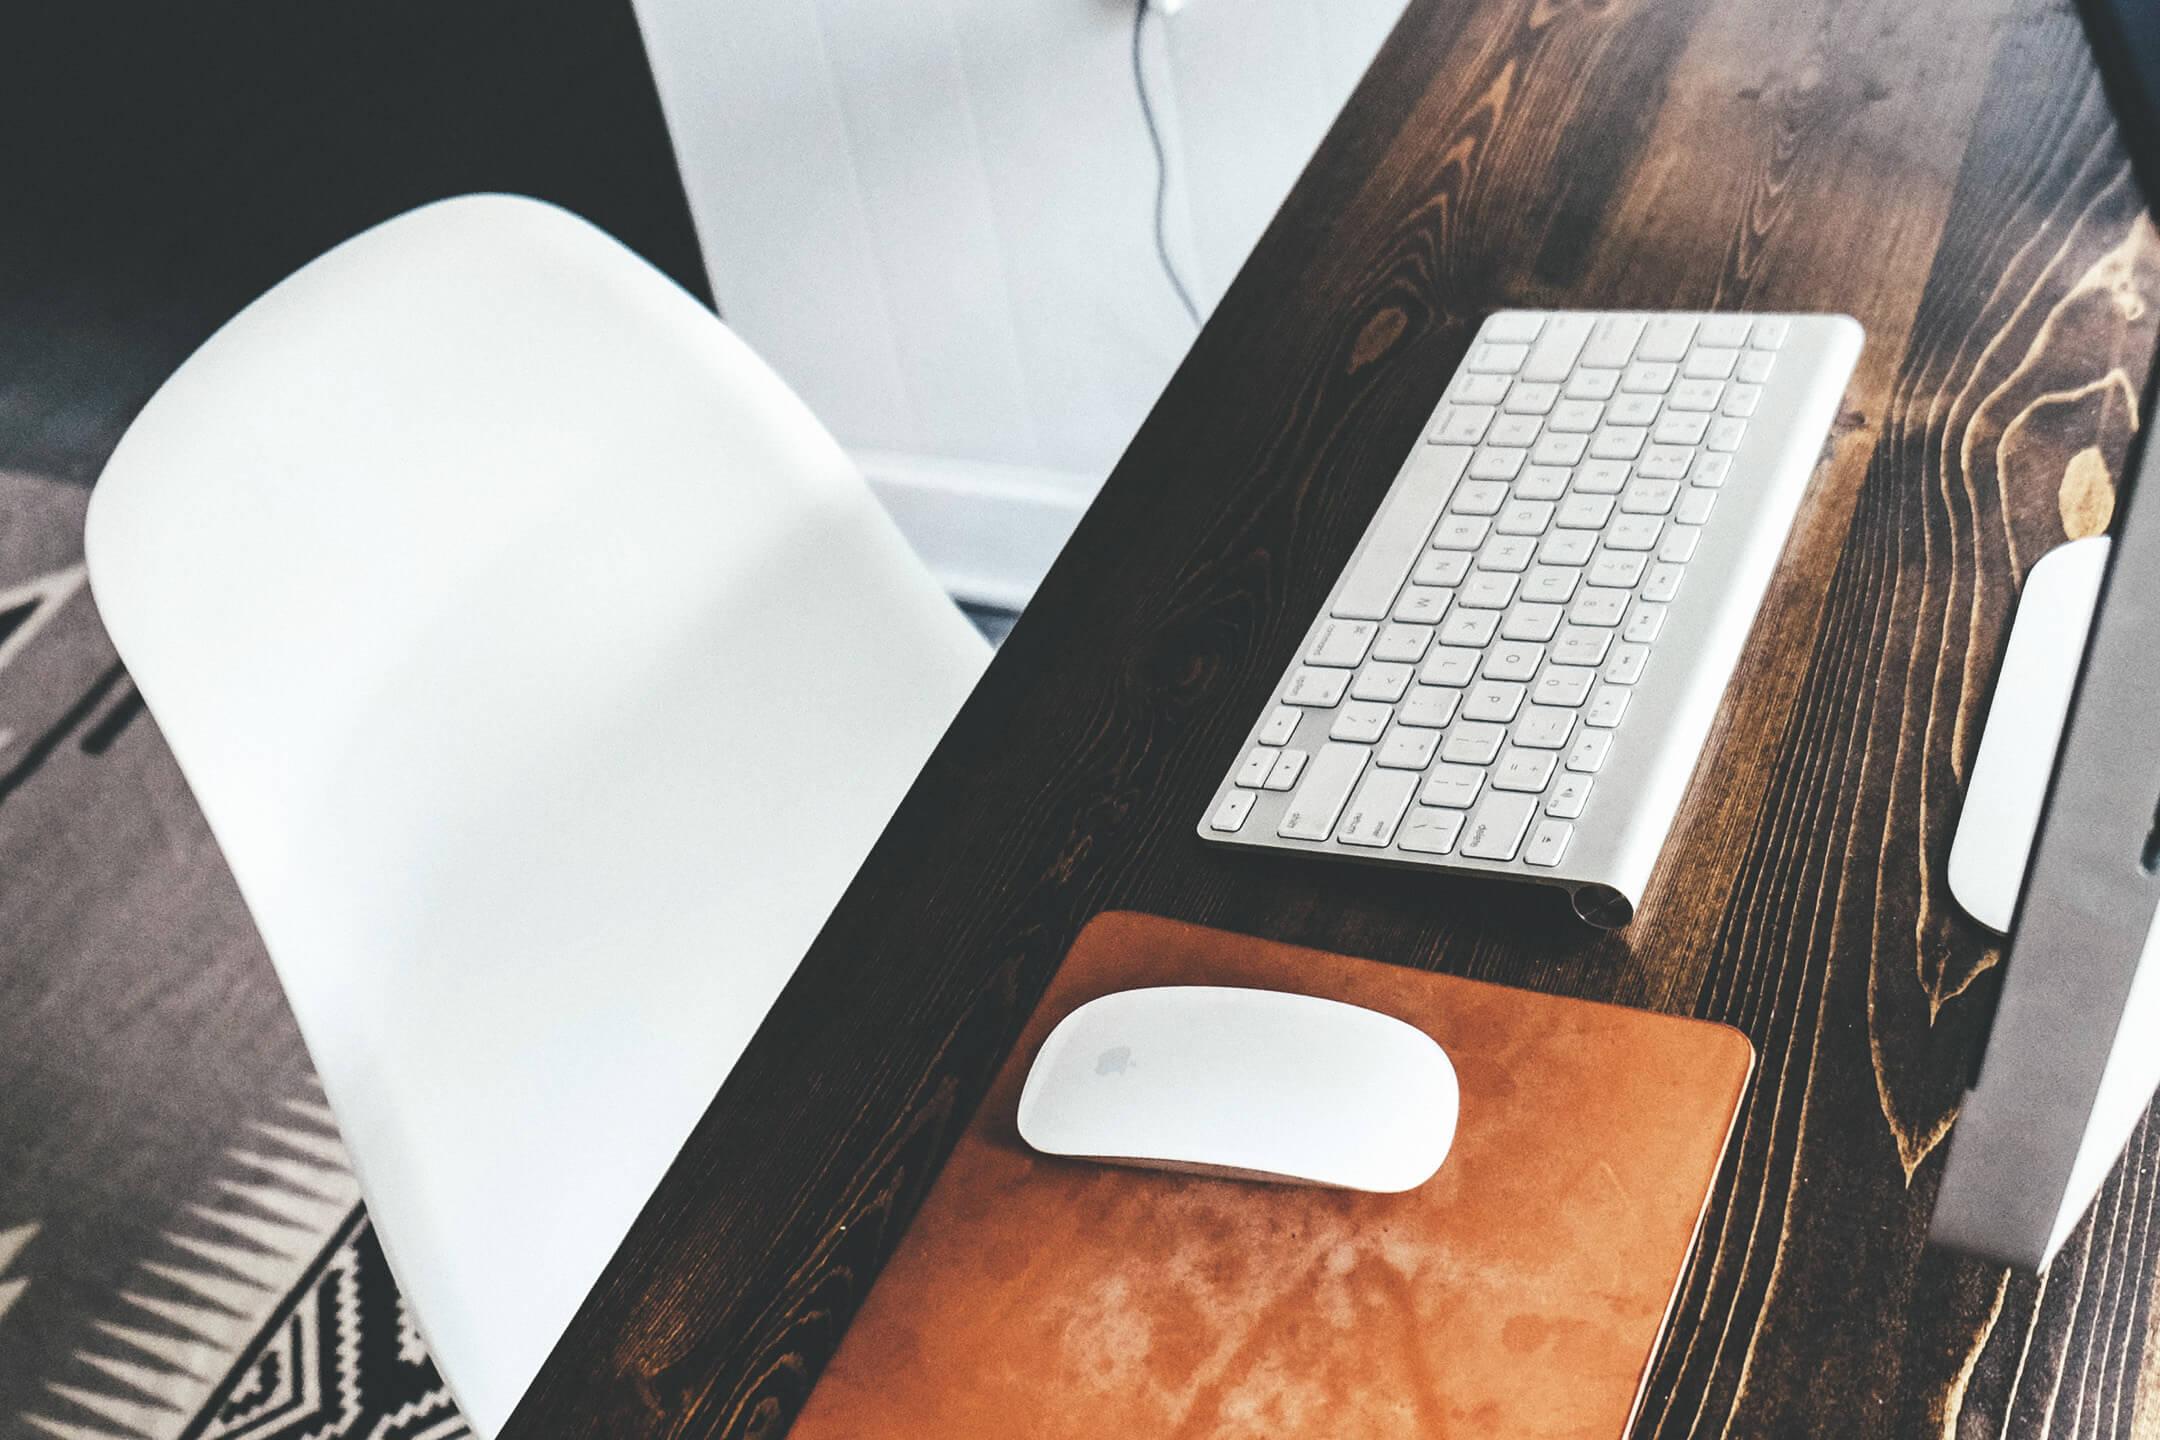 Företagsmäklare hjälper dig sälja företag